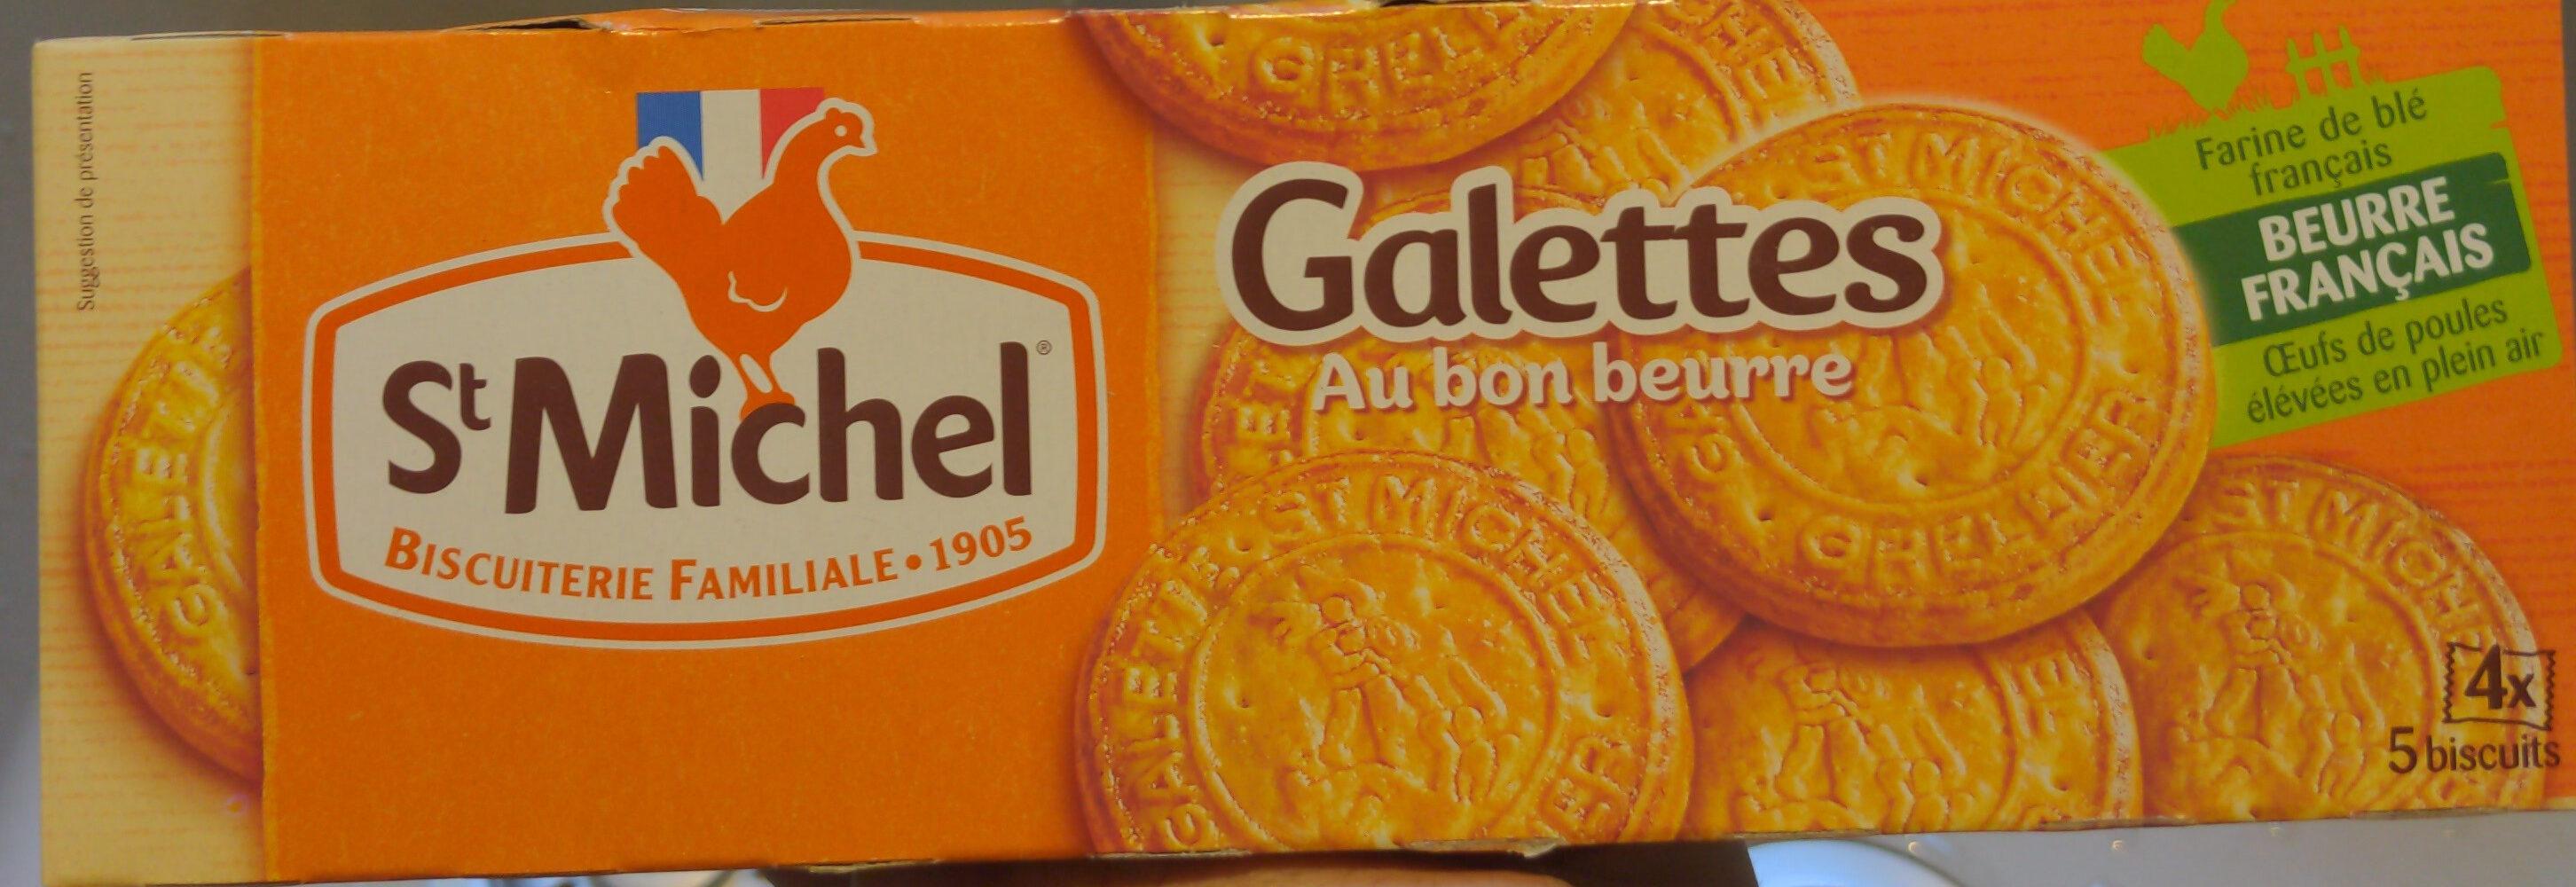 Galettes St Michel - Produkt - fr